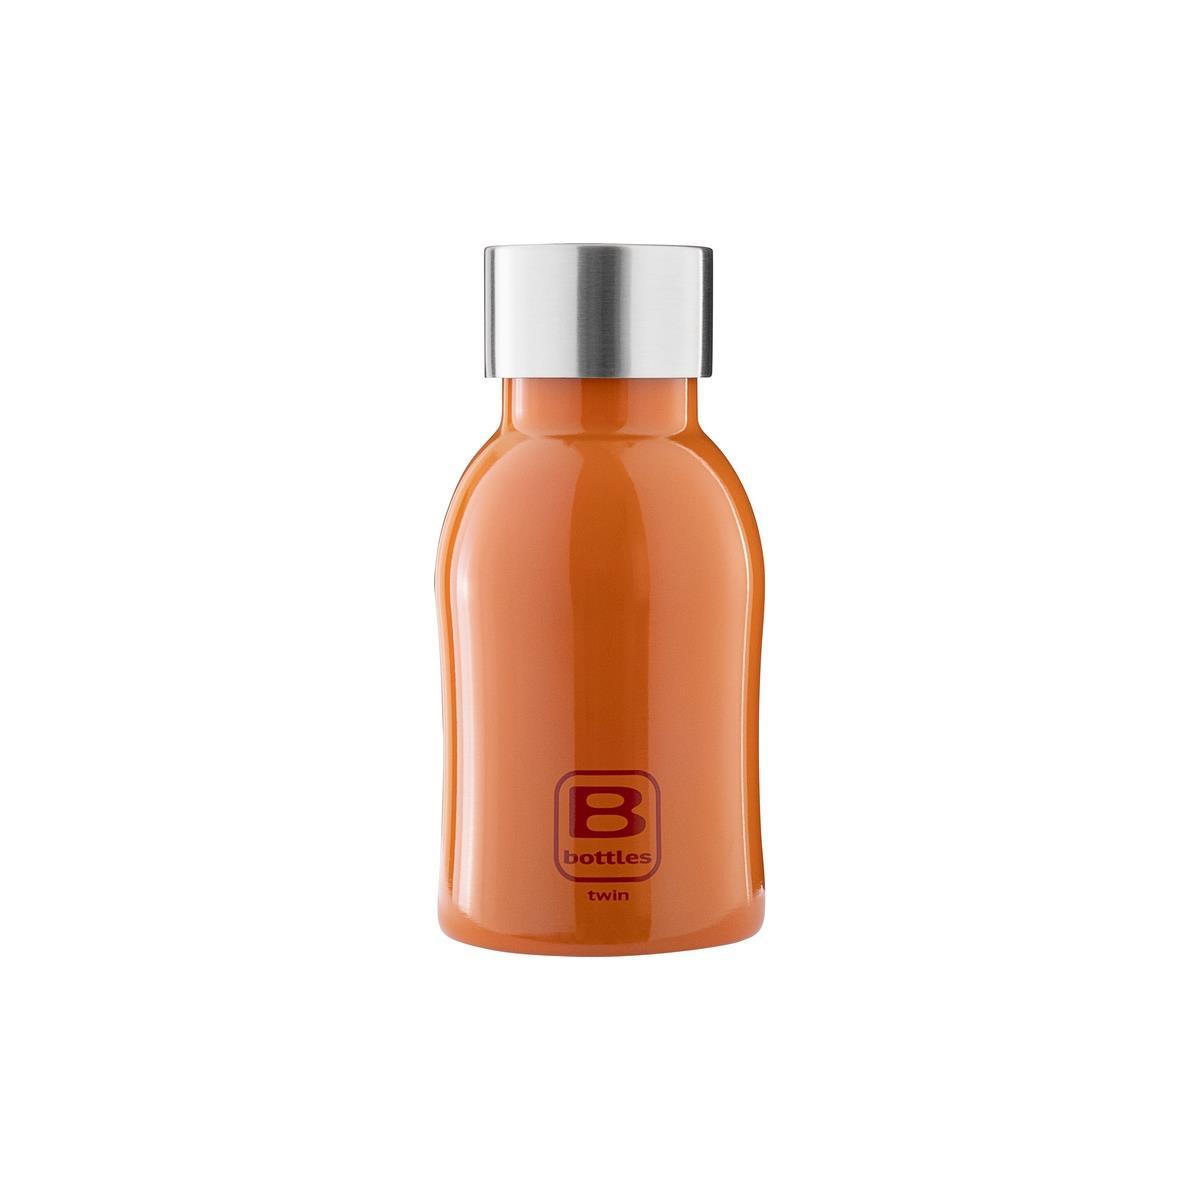 B Bottles Twin - Orange Lucido - 250 ml - Bottiglia Termica a doppia parete in acciaio inox 18/10